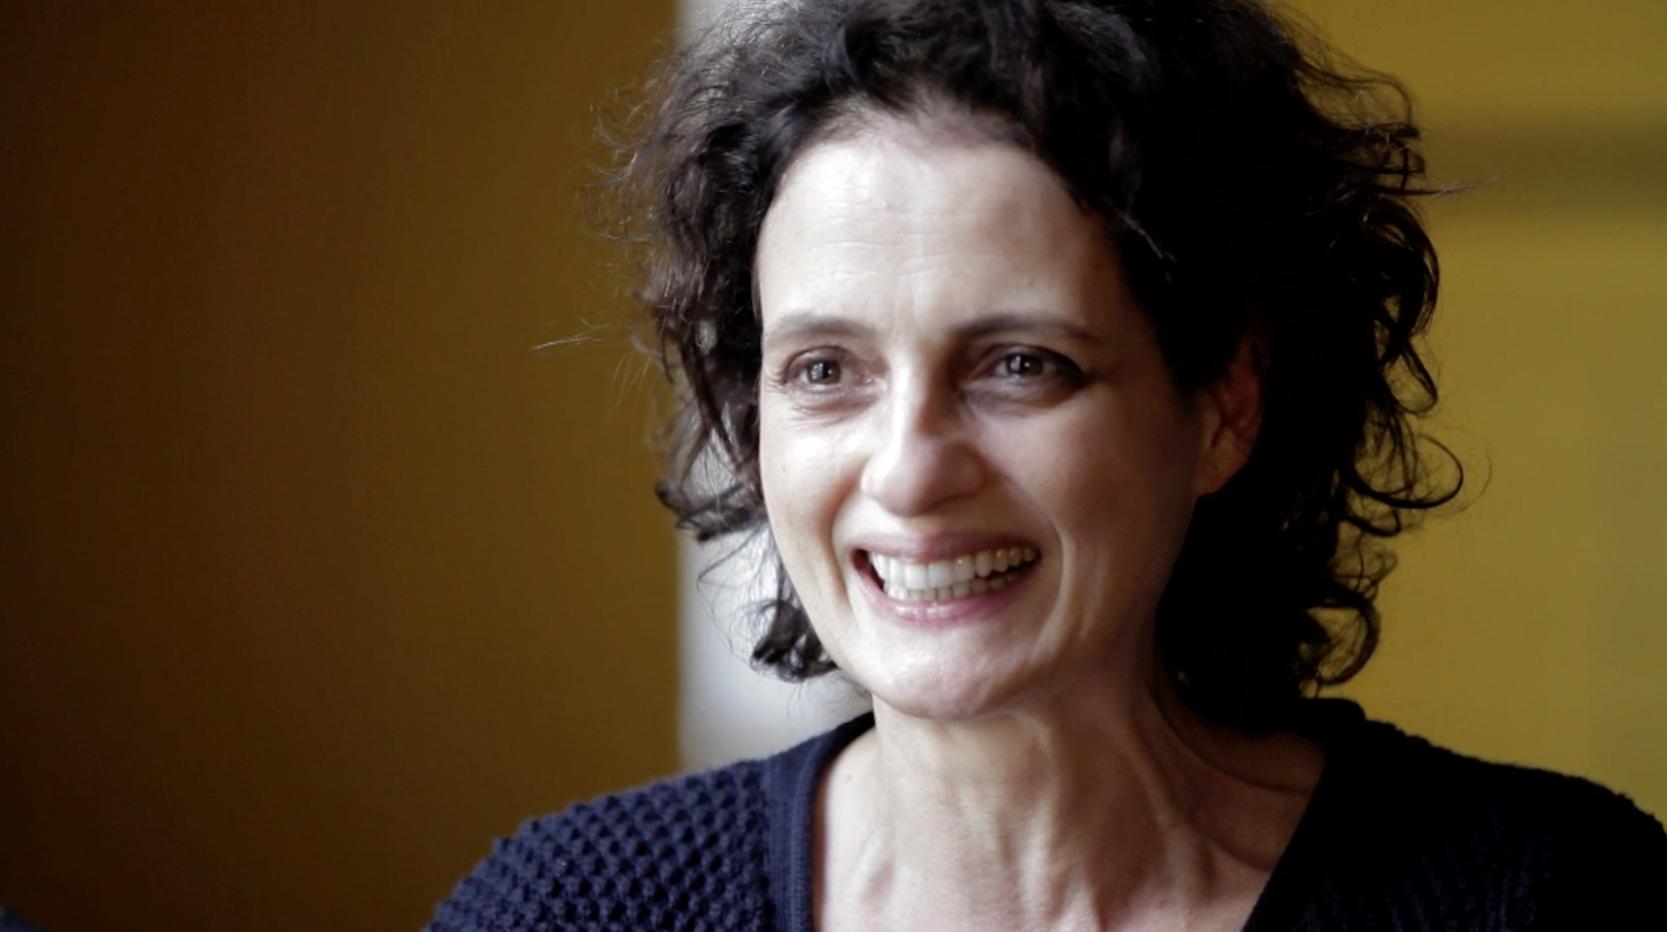 Denise Fraga conversa sobre teatro, televisão e maioridade penal